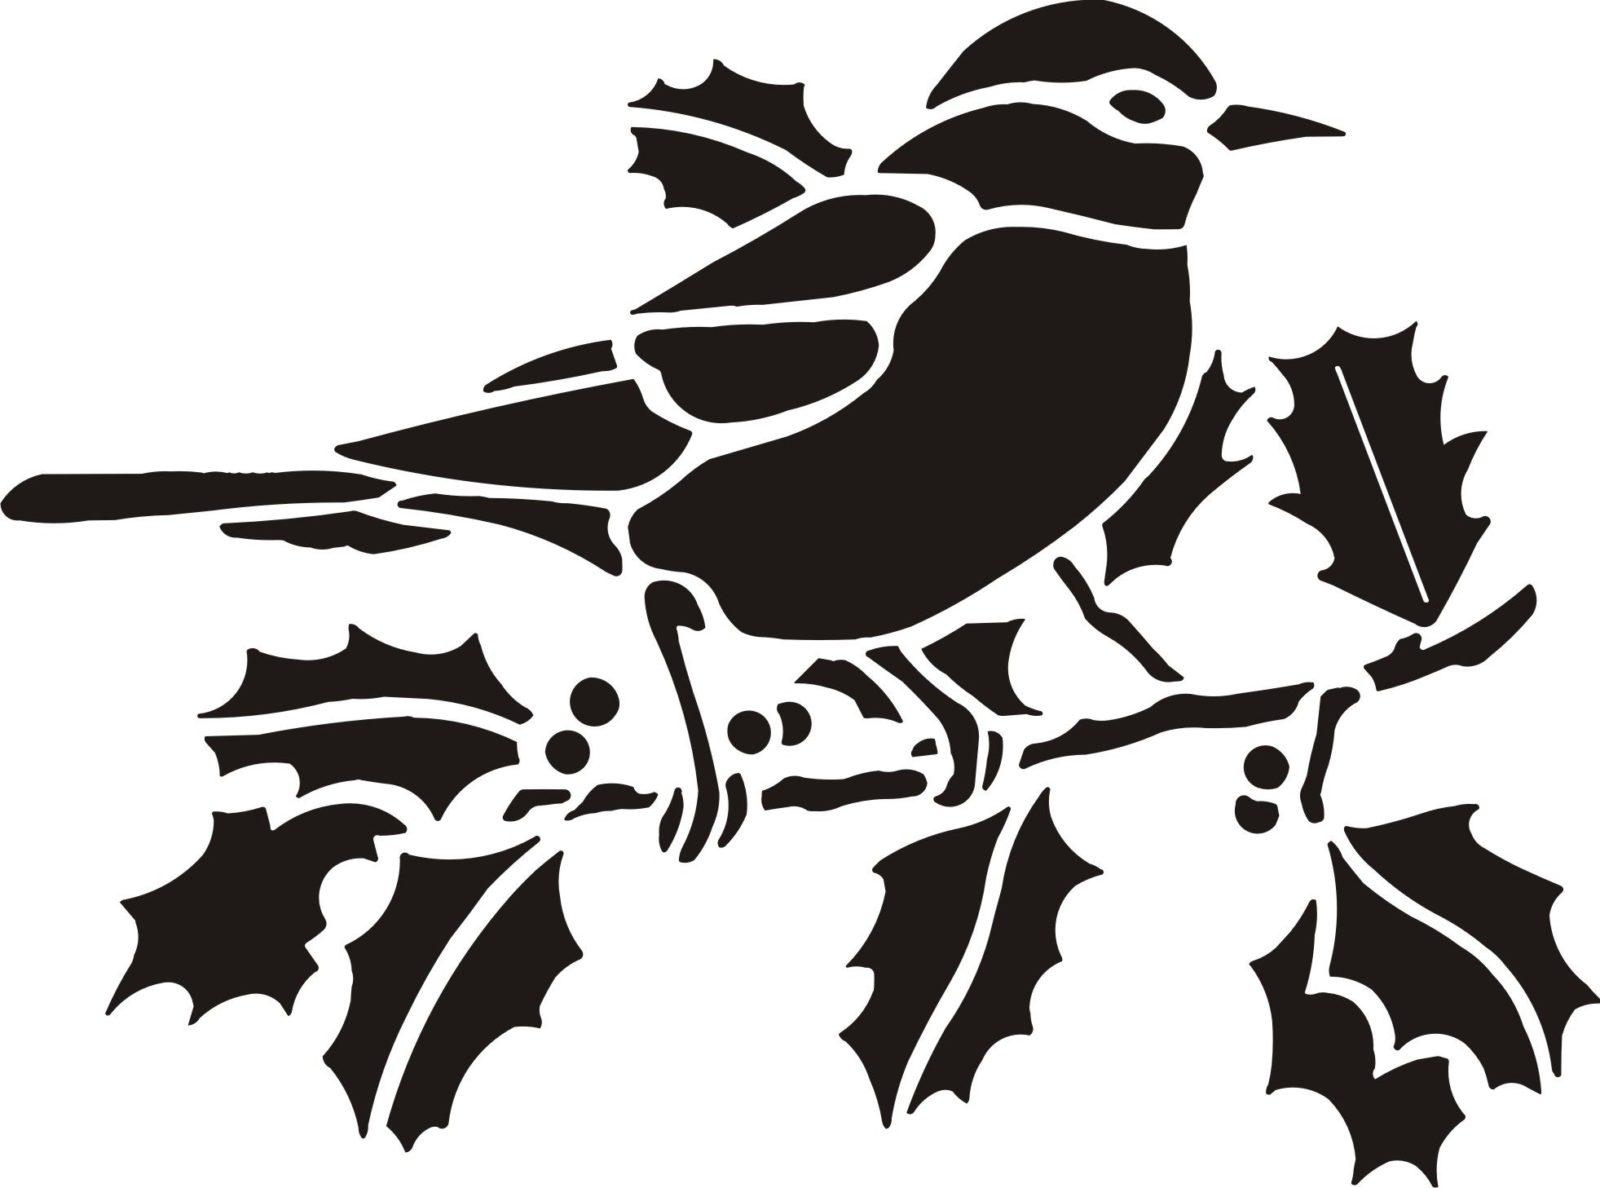 Шаблон птички для вырезания